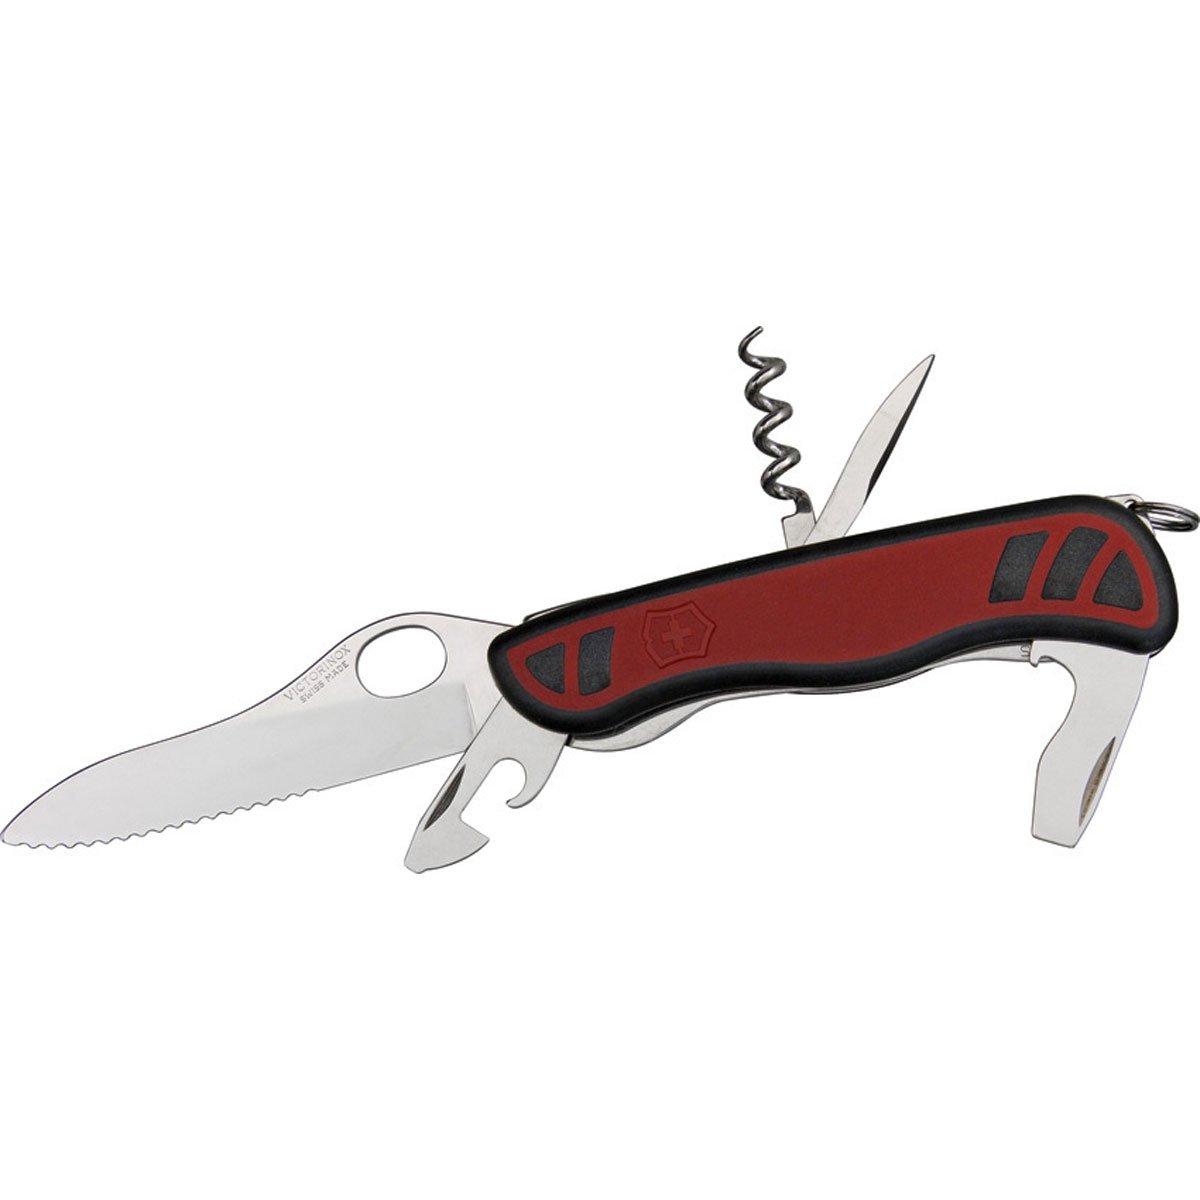 Victorinox Taschenwerkzeug Nomad OneHand Wellenschliff 2C rot schwarz 0.8351.MWC B0050DJB4S   Mittel Preis